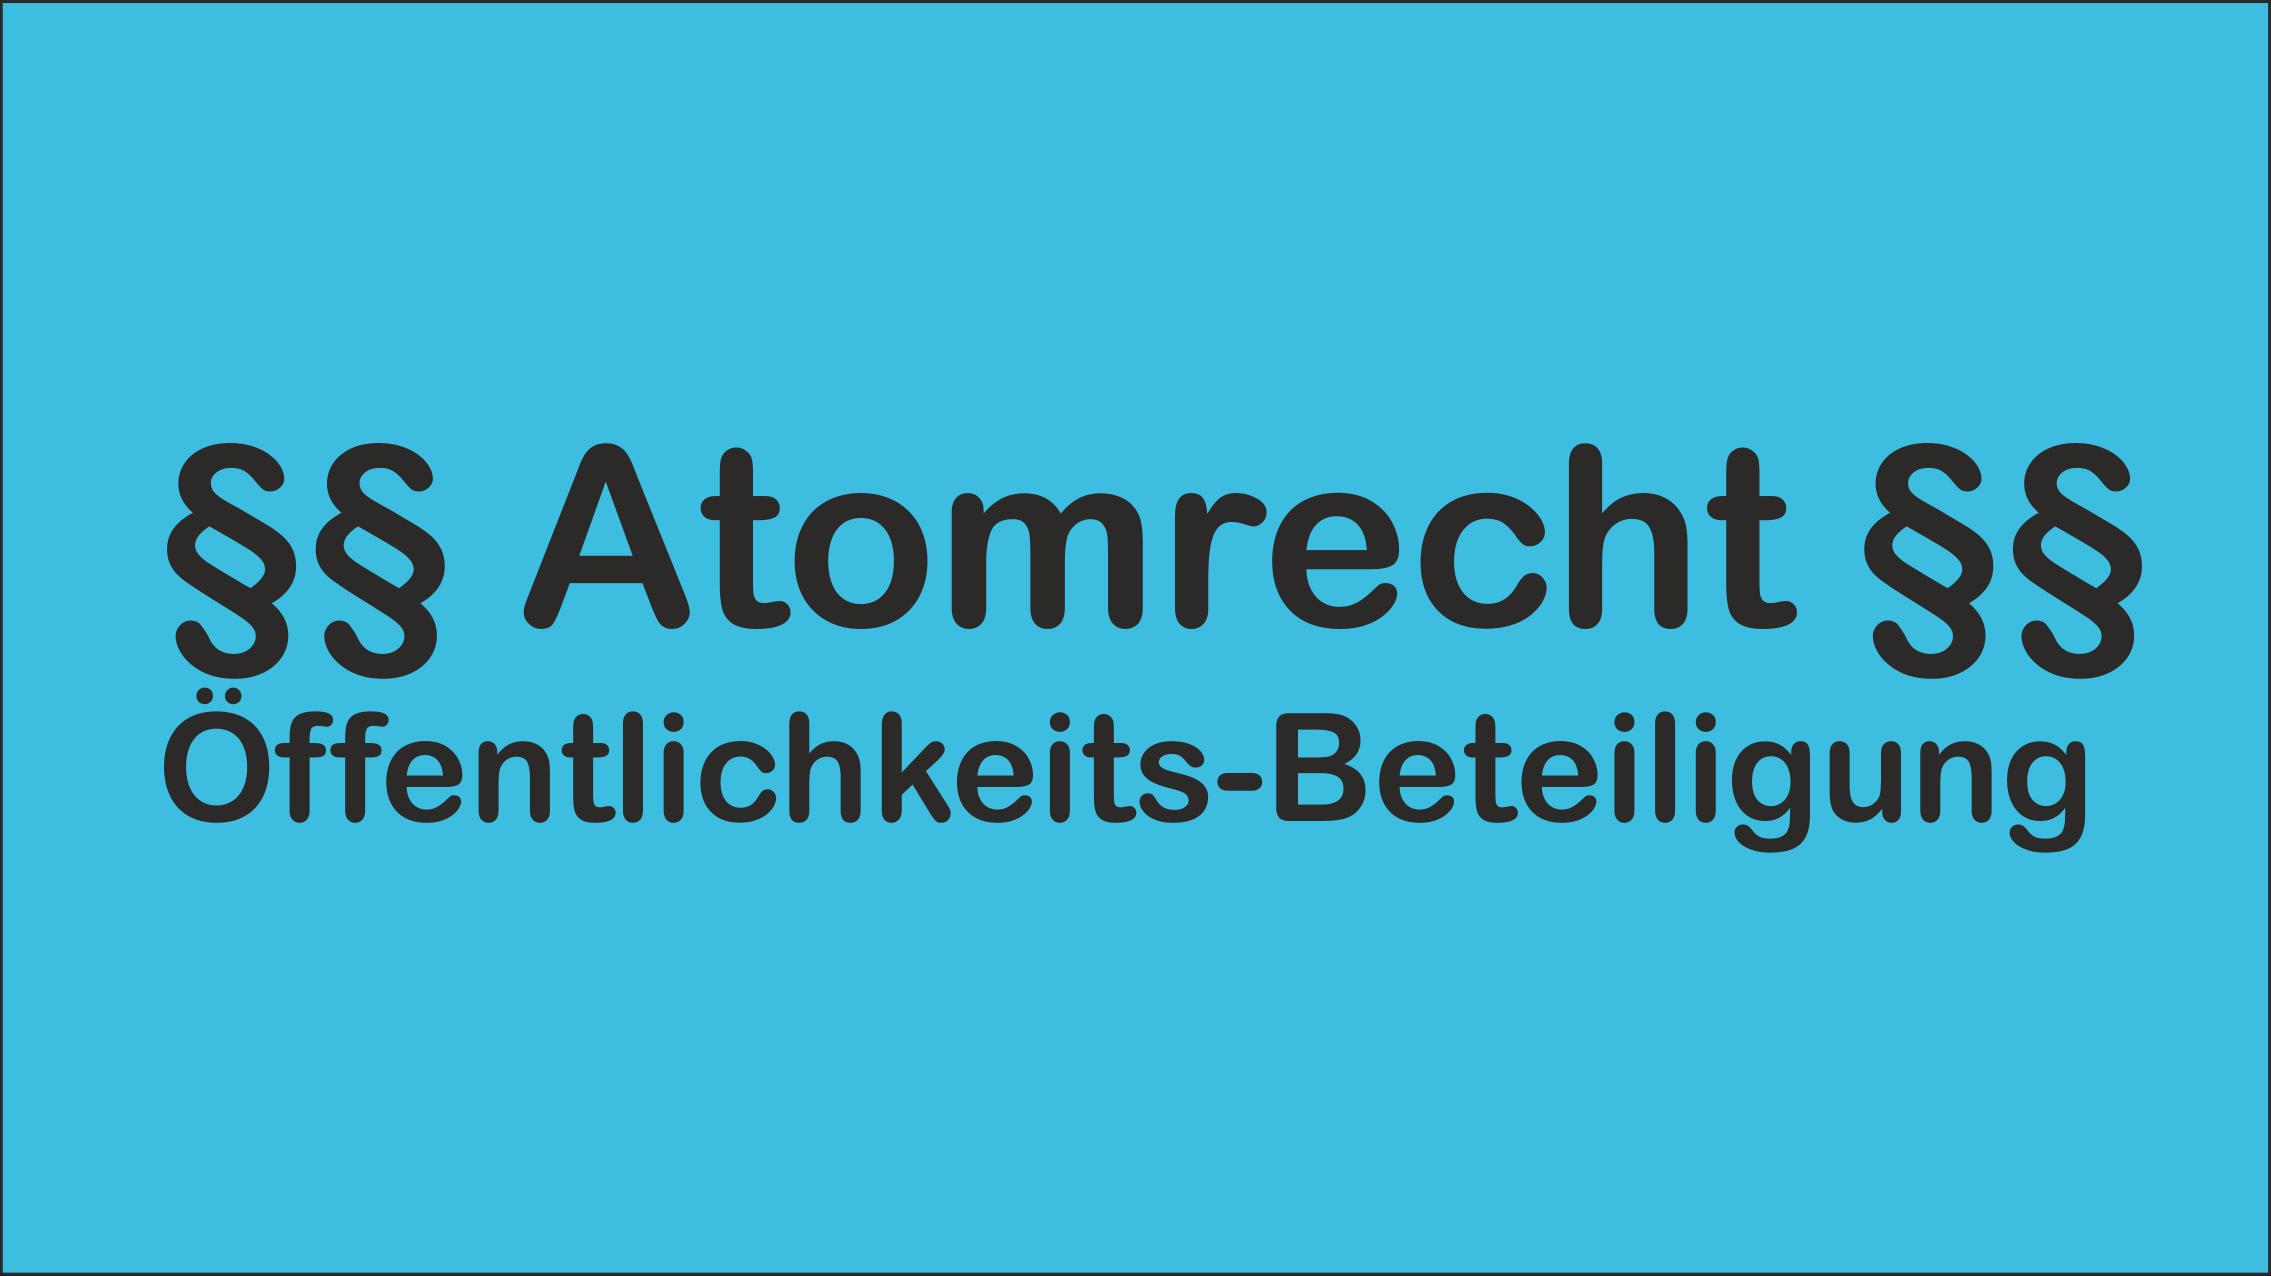 Atomrecht: Funktion der Öffentlichkeitsbeteiligung – Das Mülheim-Kärlich-Urteil des Bundesverfassungsgerichts 1979